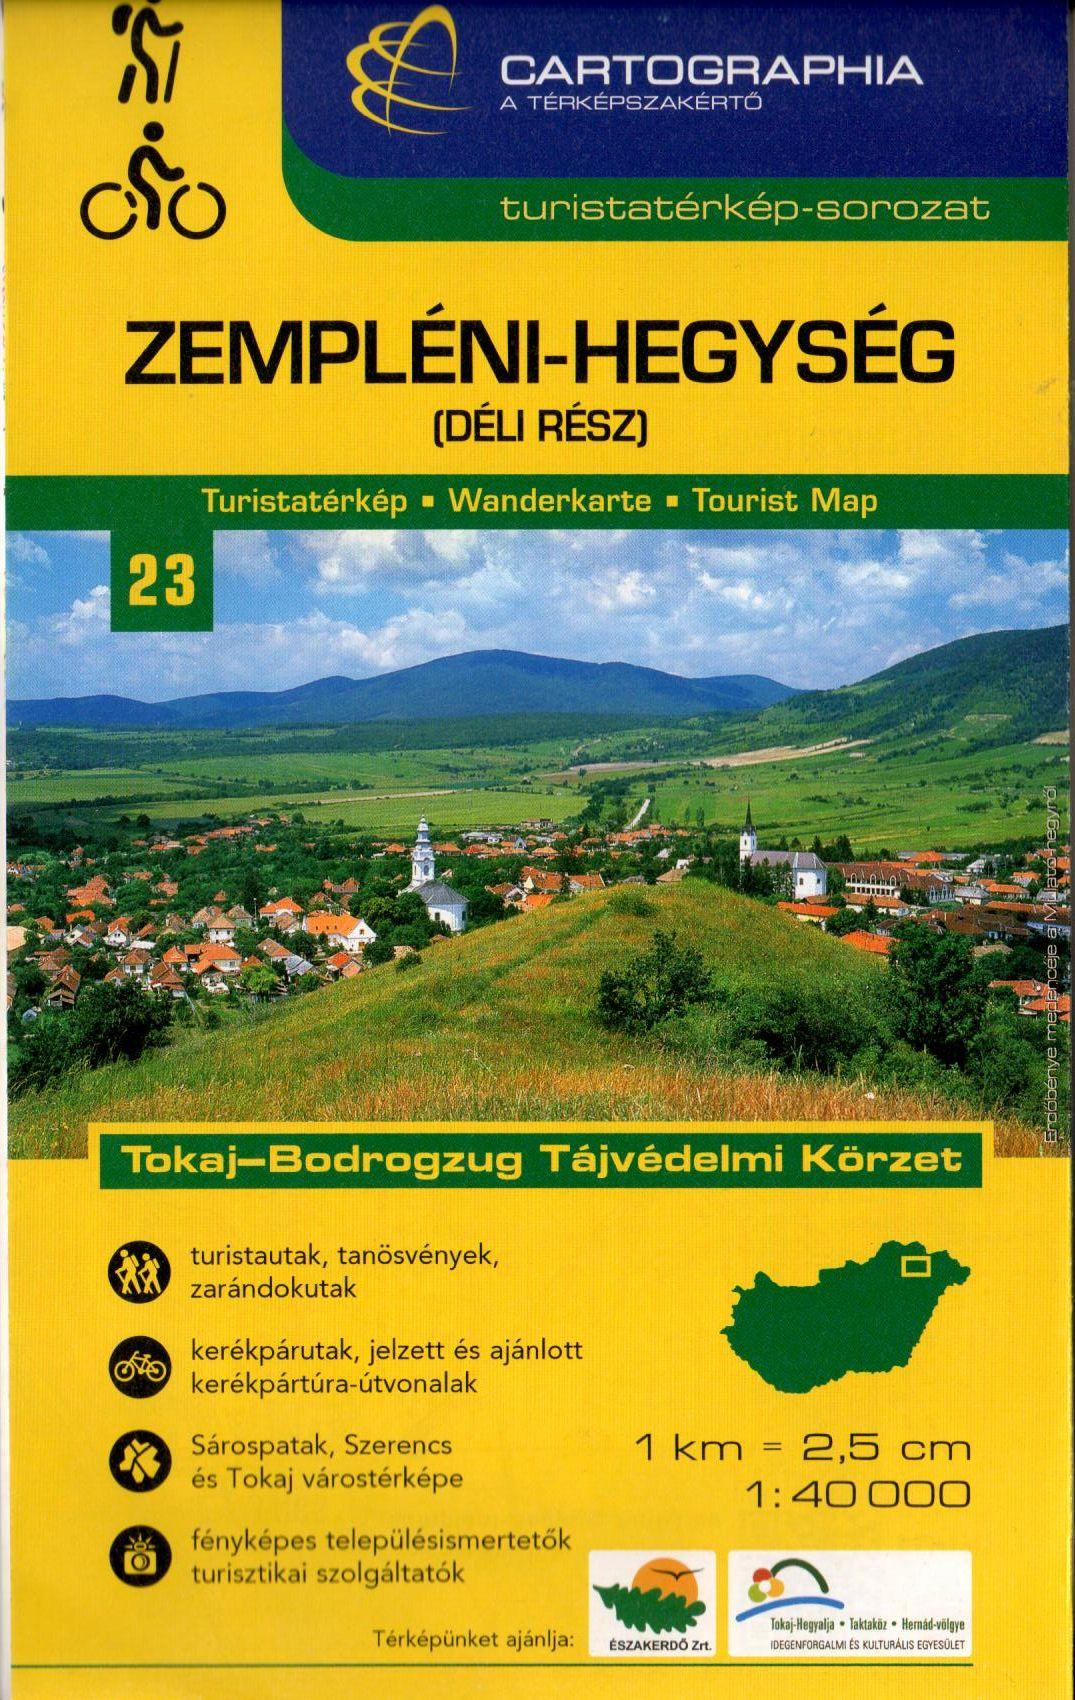 Sárospatak, Szerencs és Tokaj melléktérképpel, fényképes település ismertetőkkel